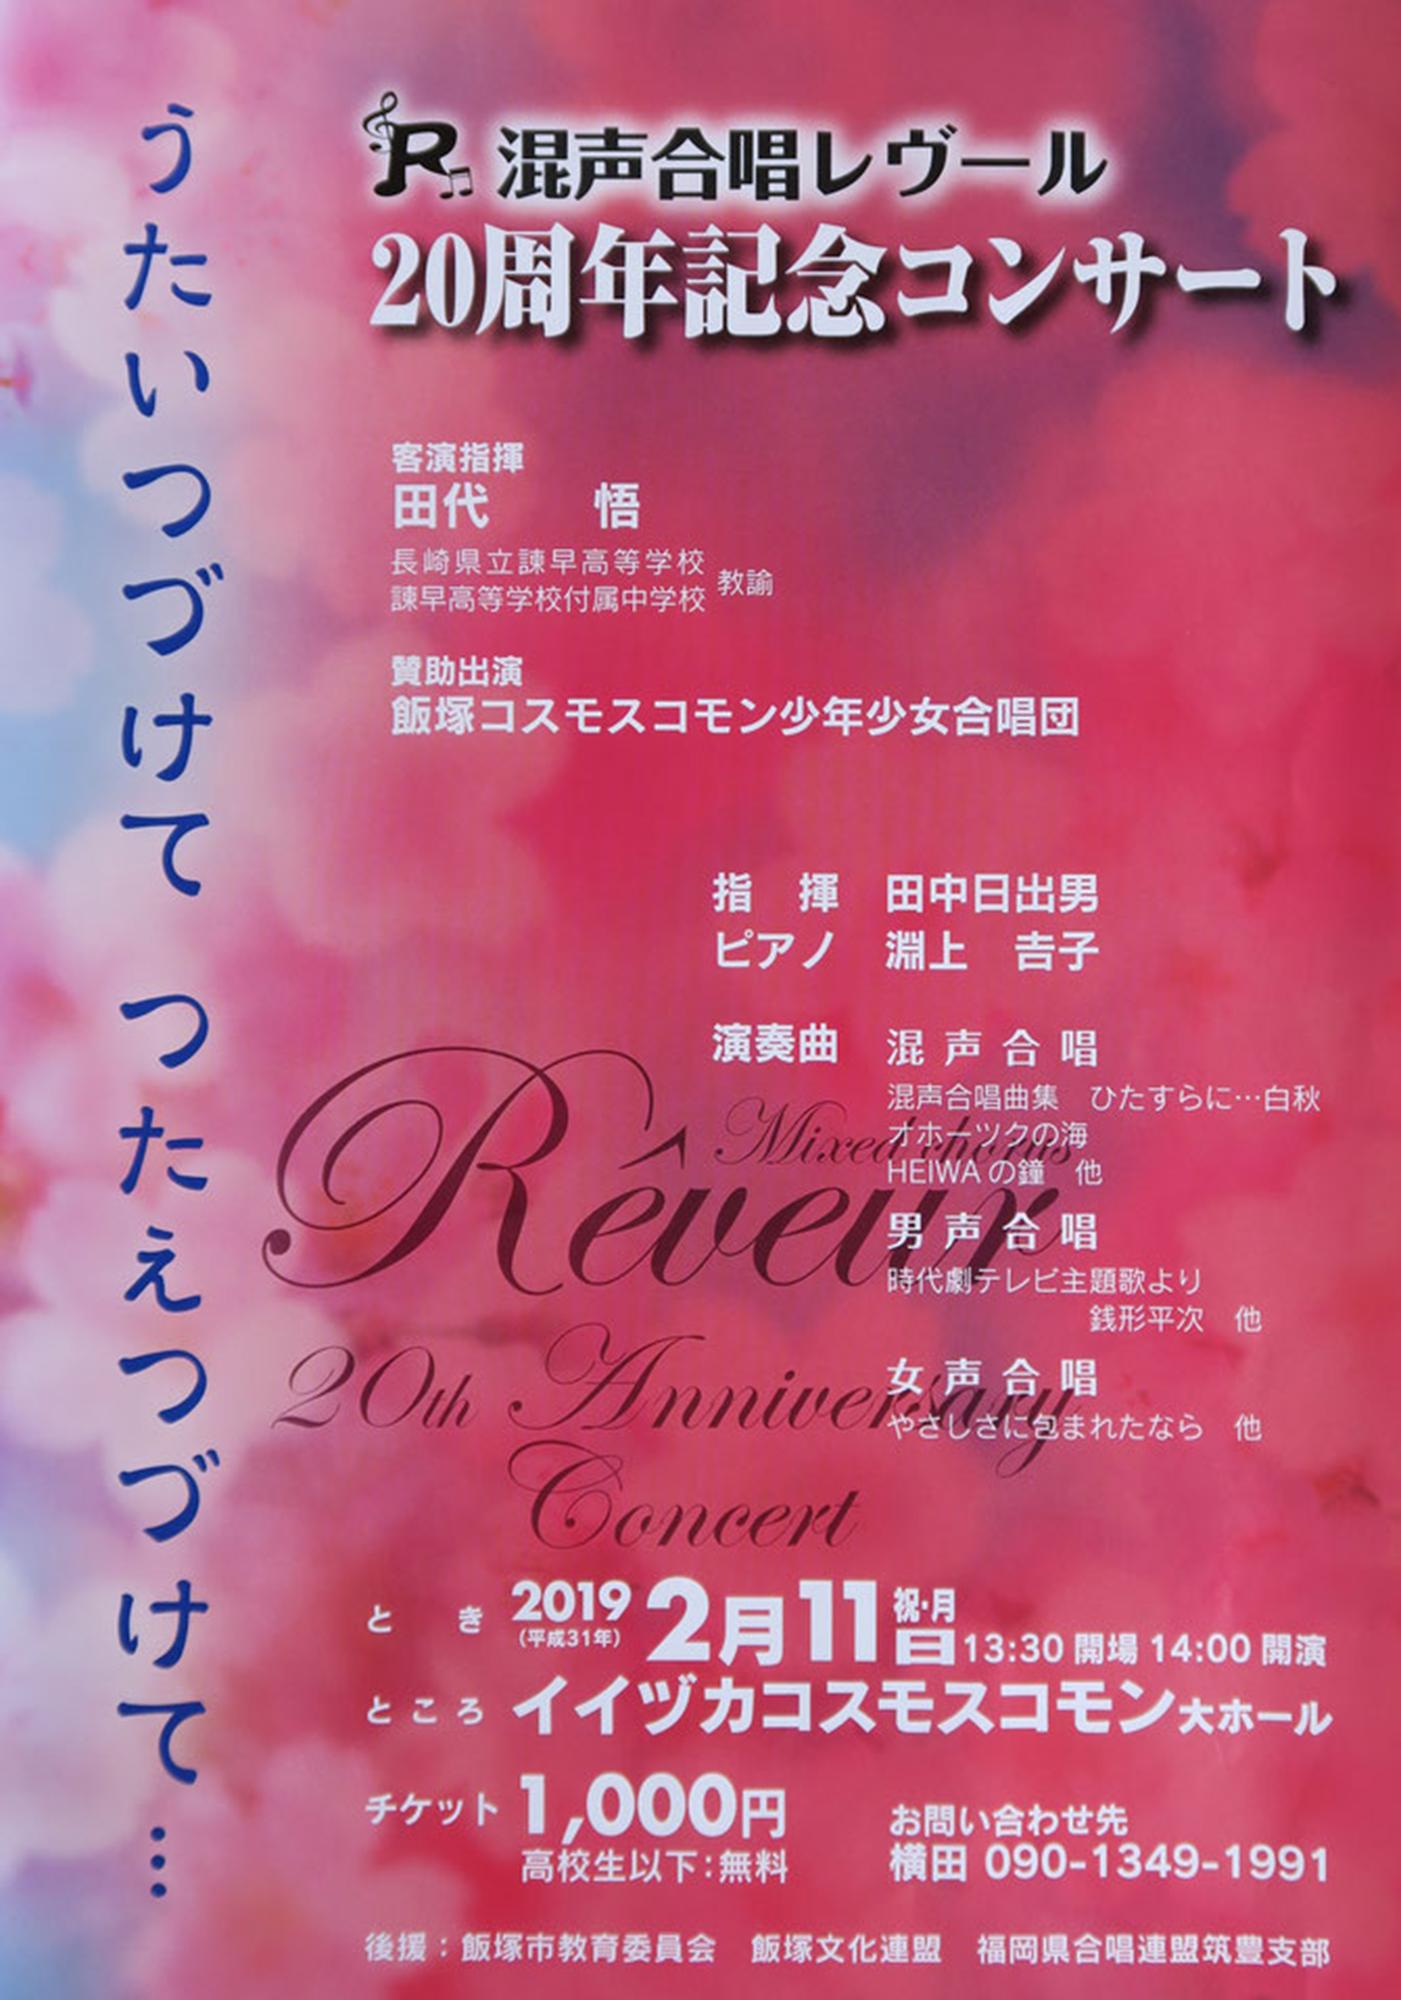 190211_reveur_concert